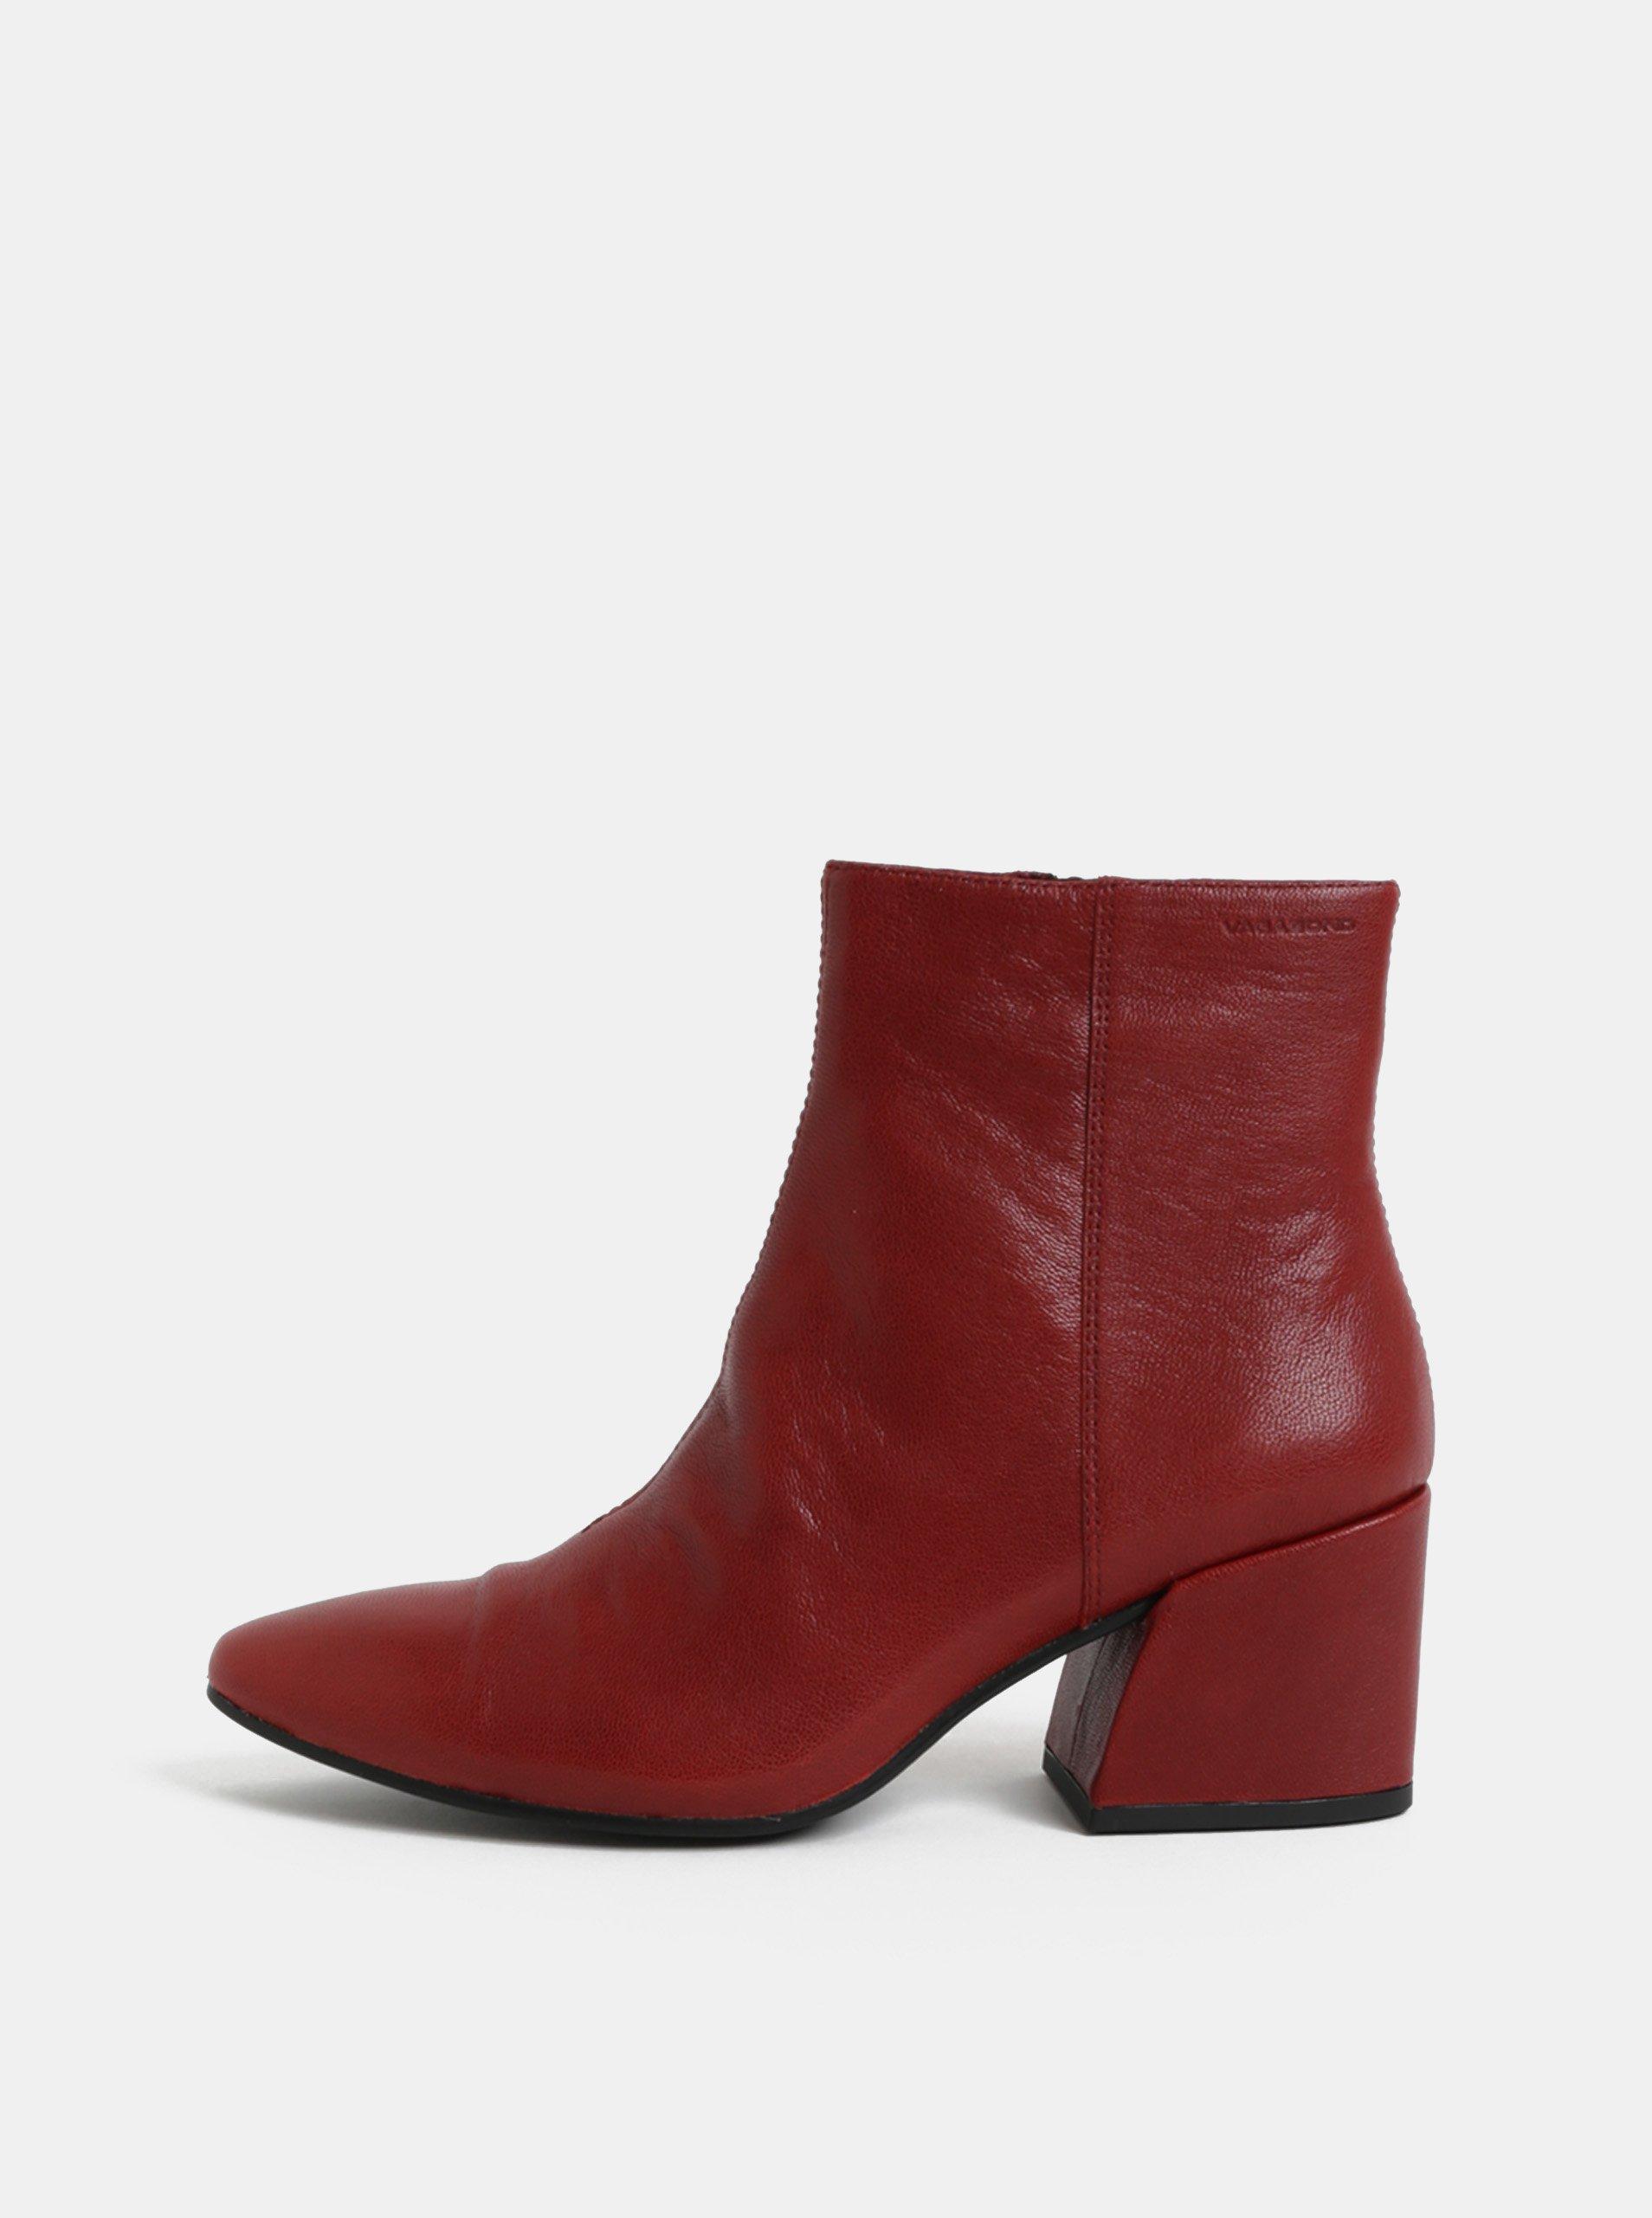 Červené dámské kožené kotníkové boty na podpatku Vagabond Olivia